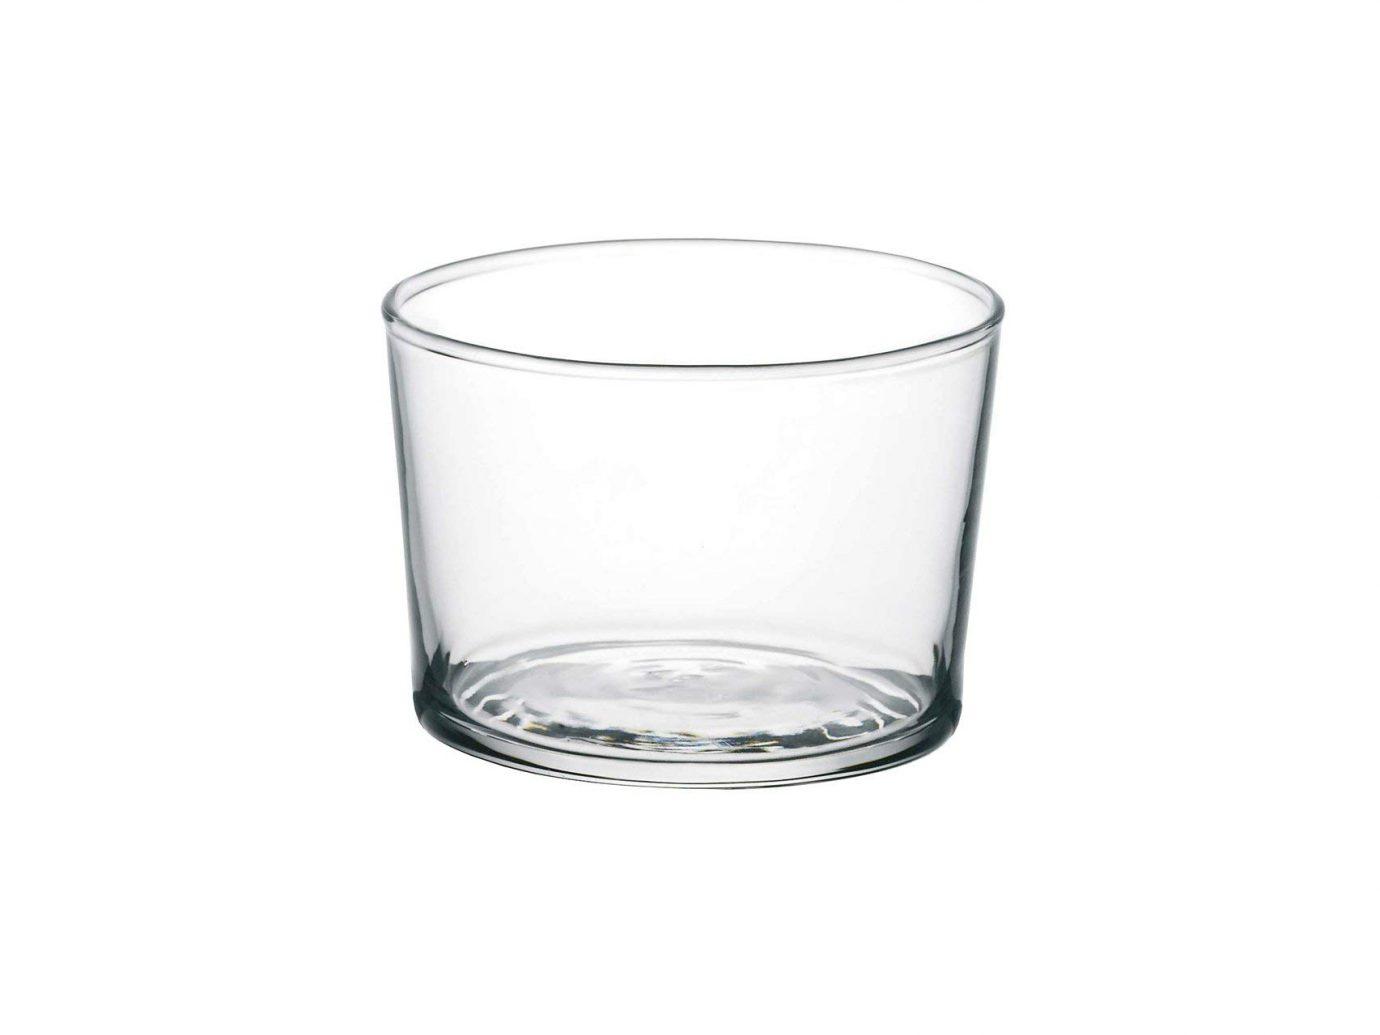 Bormioli Rocco Bodega Collection Wine Glasses